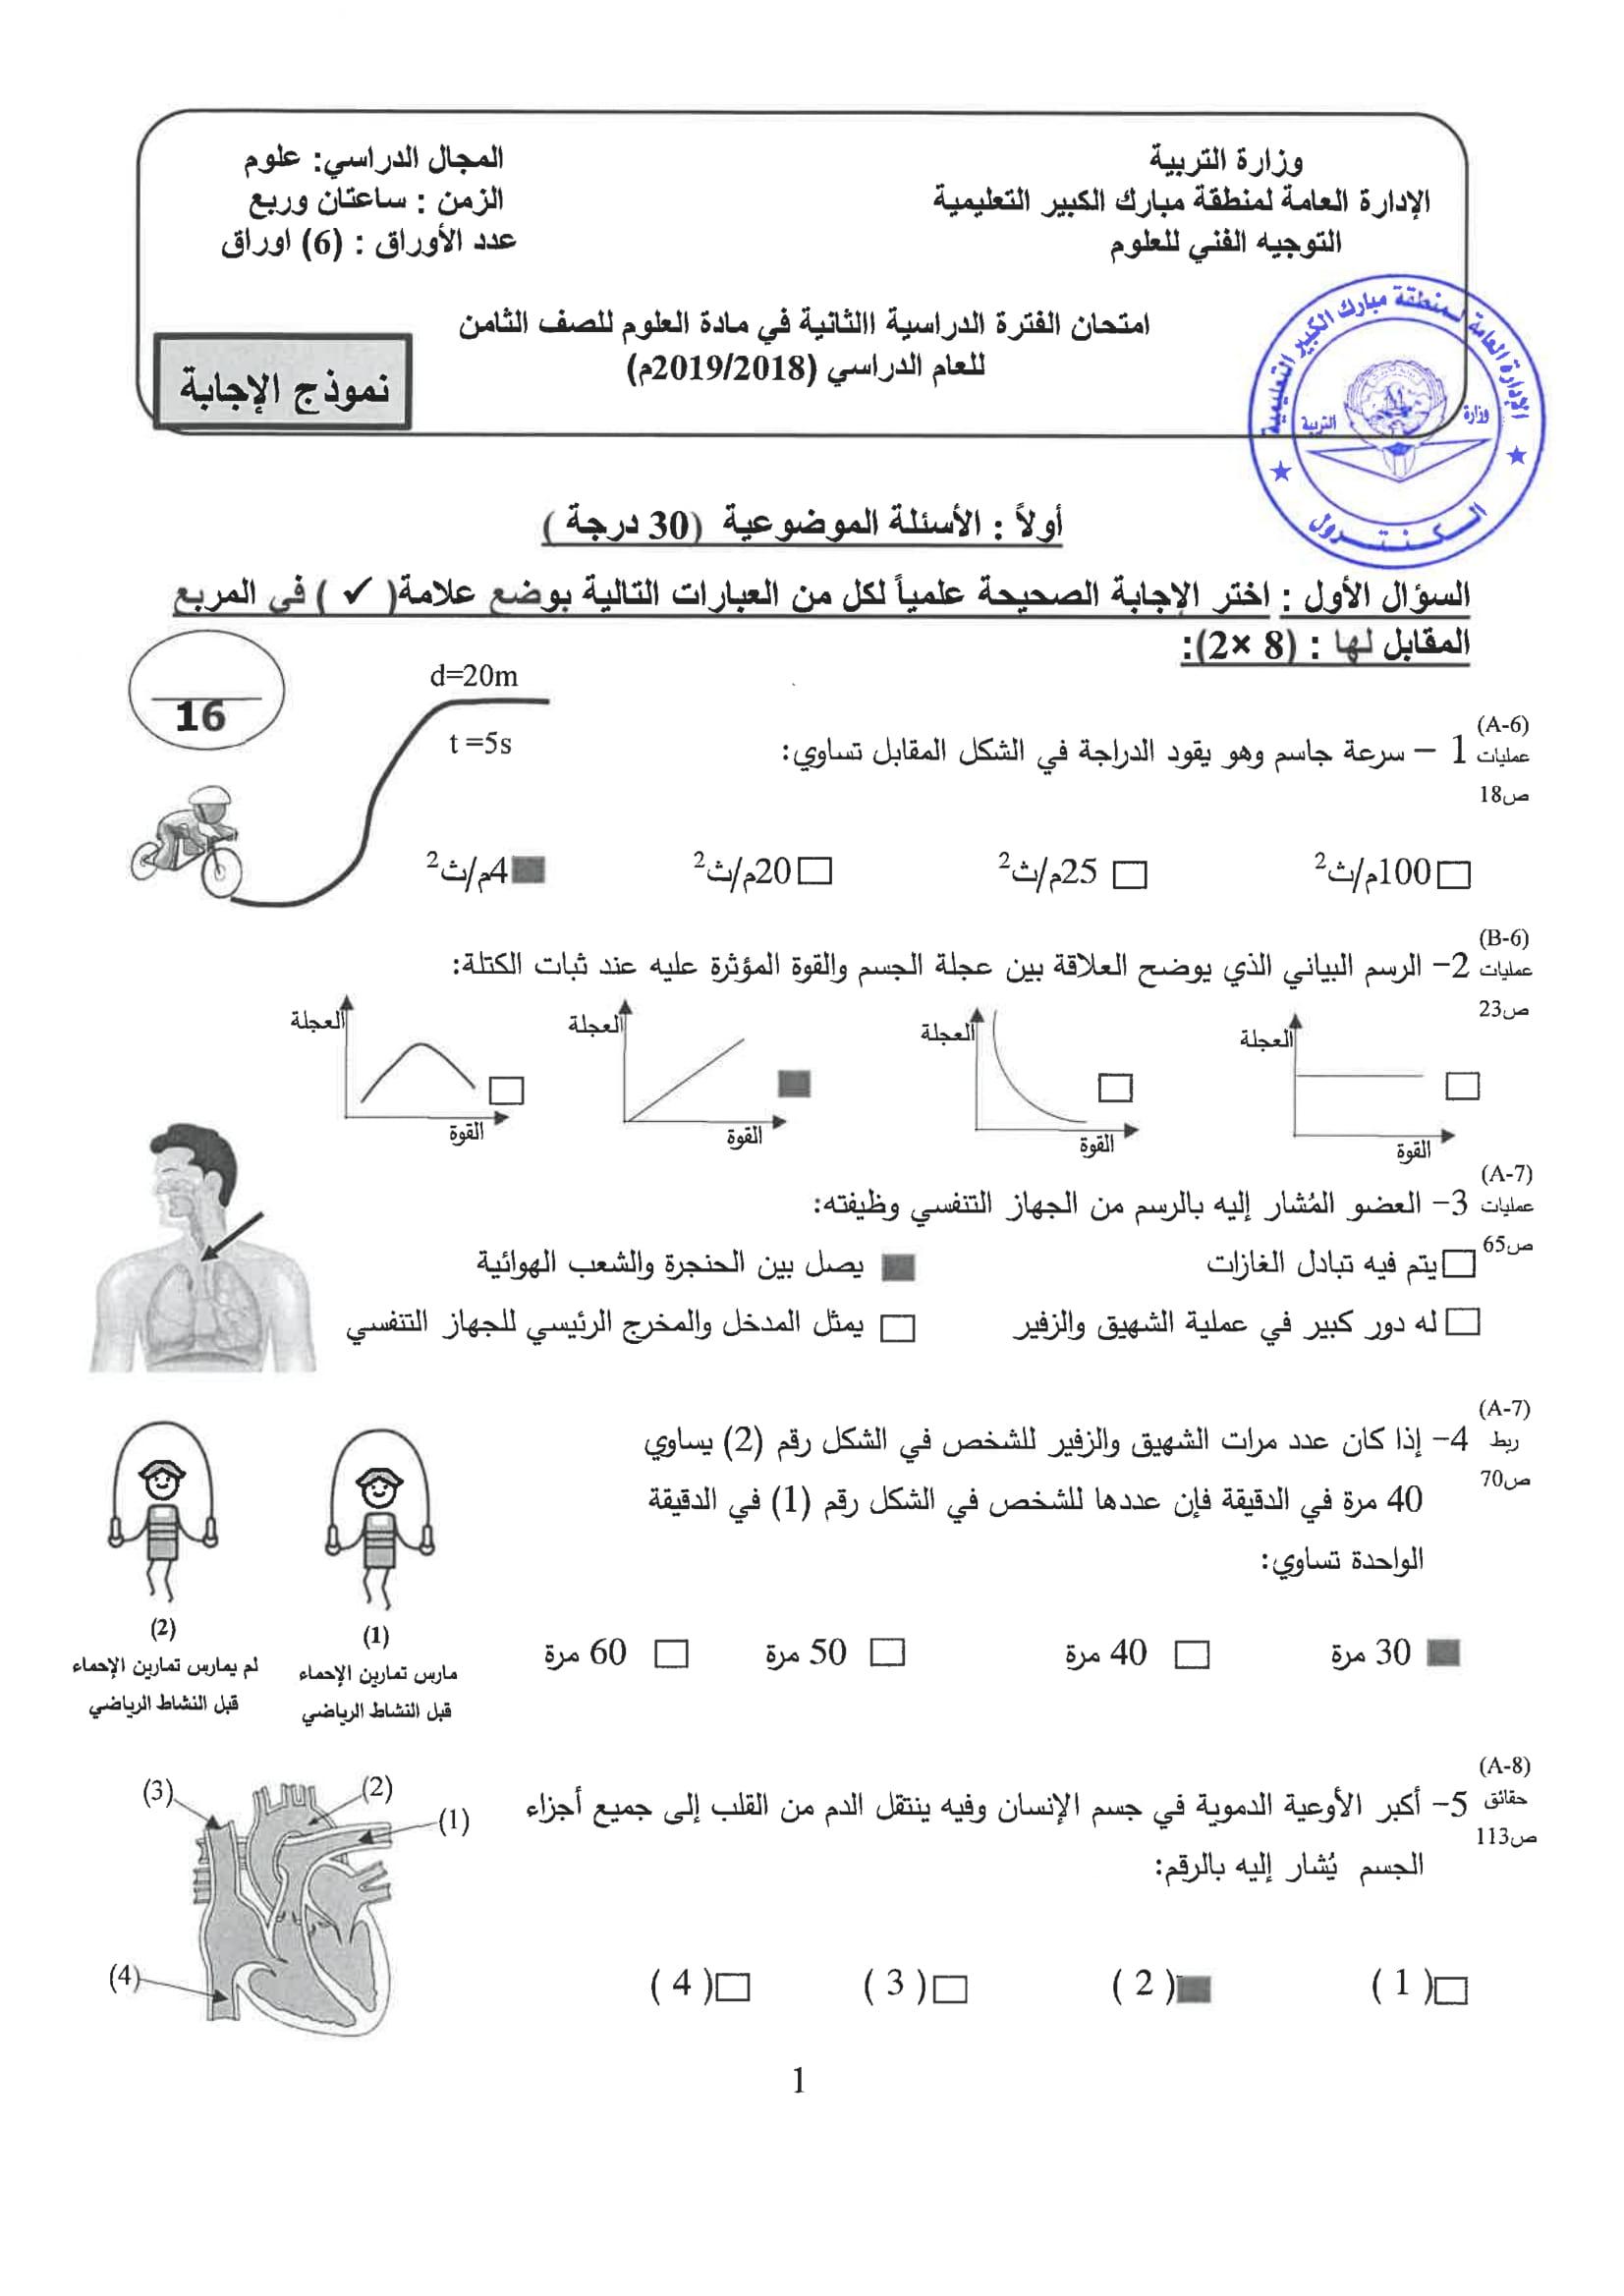 نموذج اجابة اختبار مادة العلوم الثامن الفصل الثاني